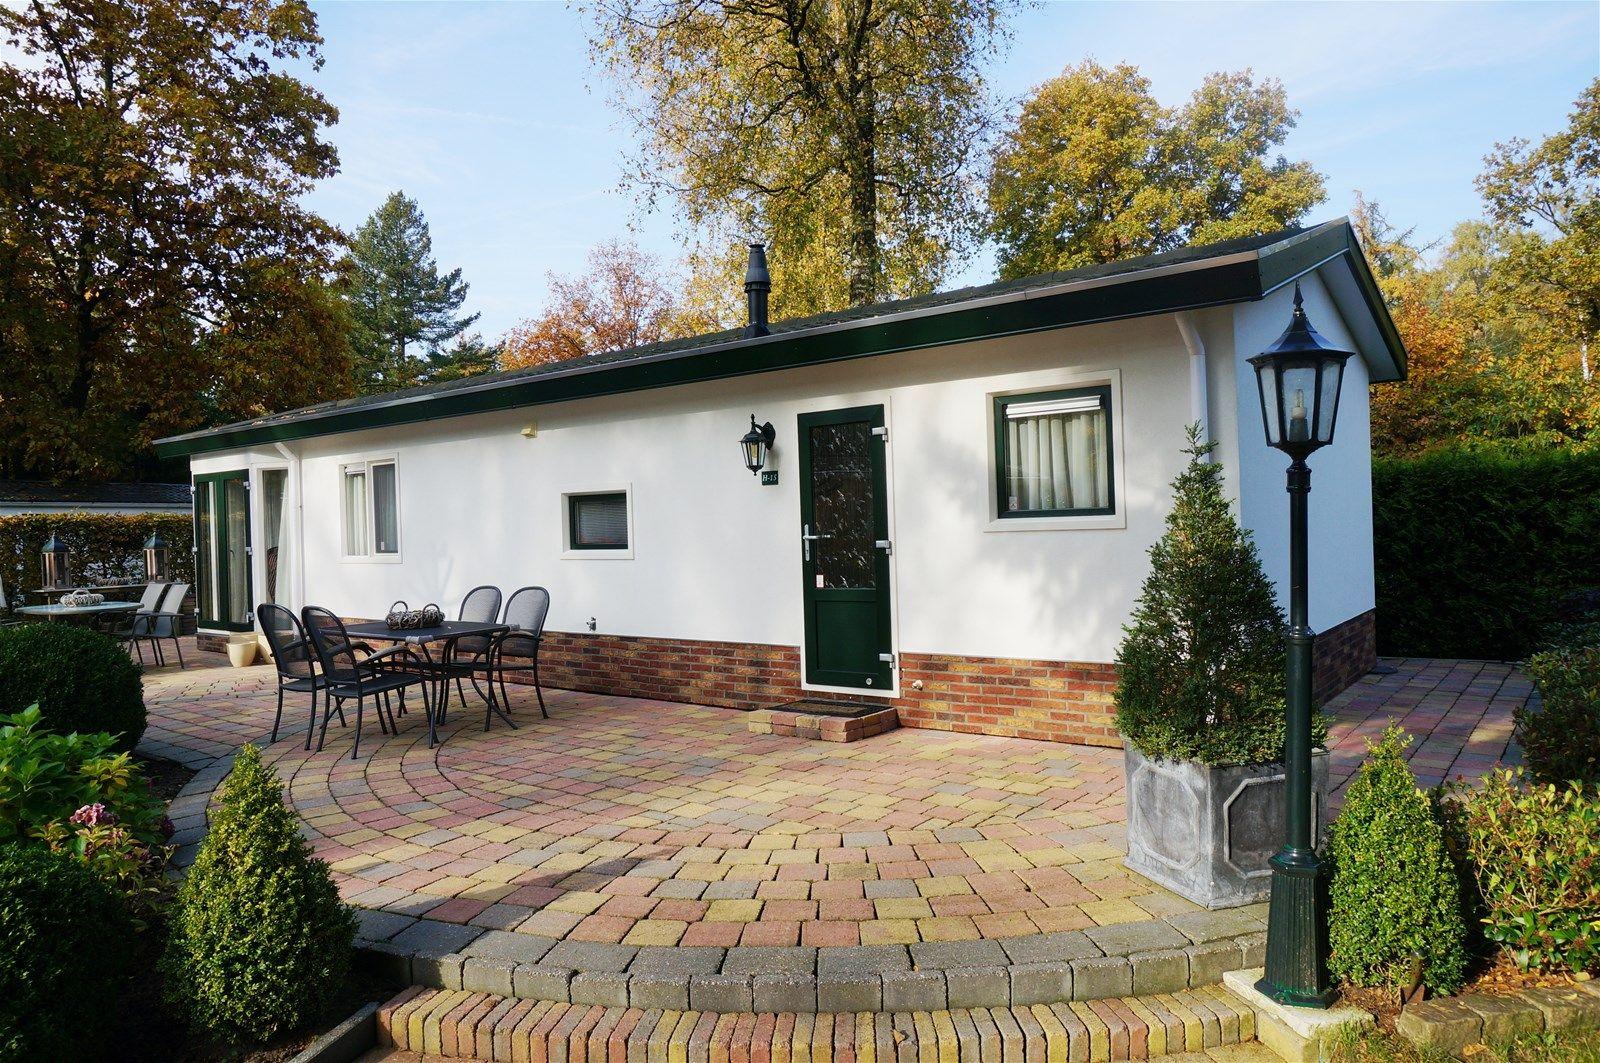 Koningsweg 14-H15, Arnhem